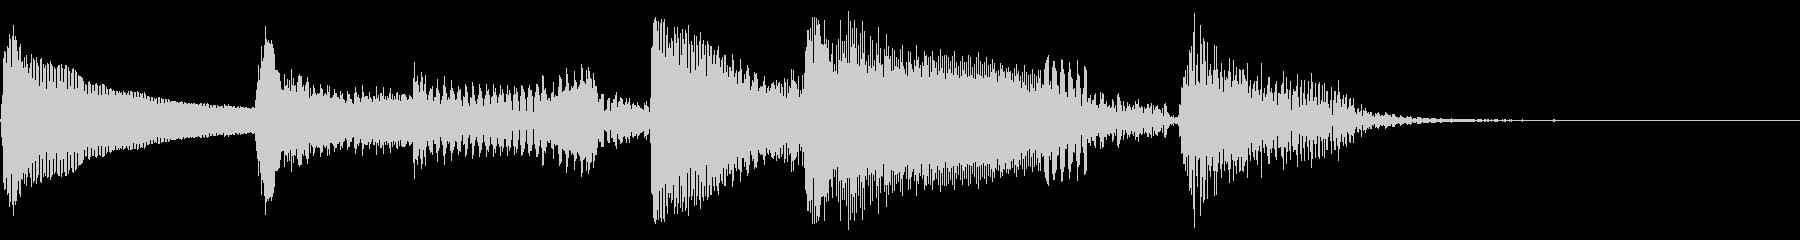 明るい アルペジオ ナイロンギターの未再生の波形